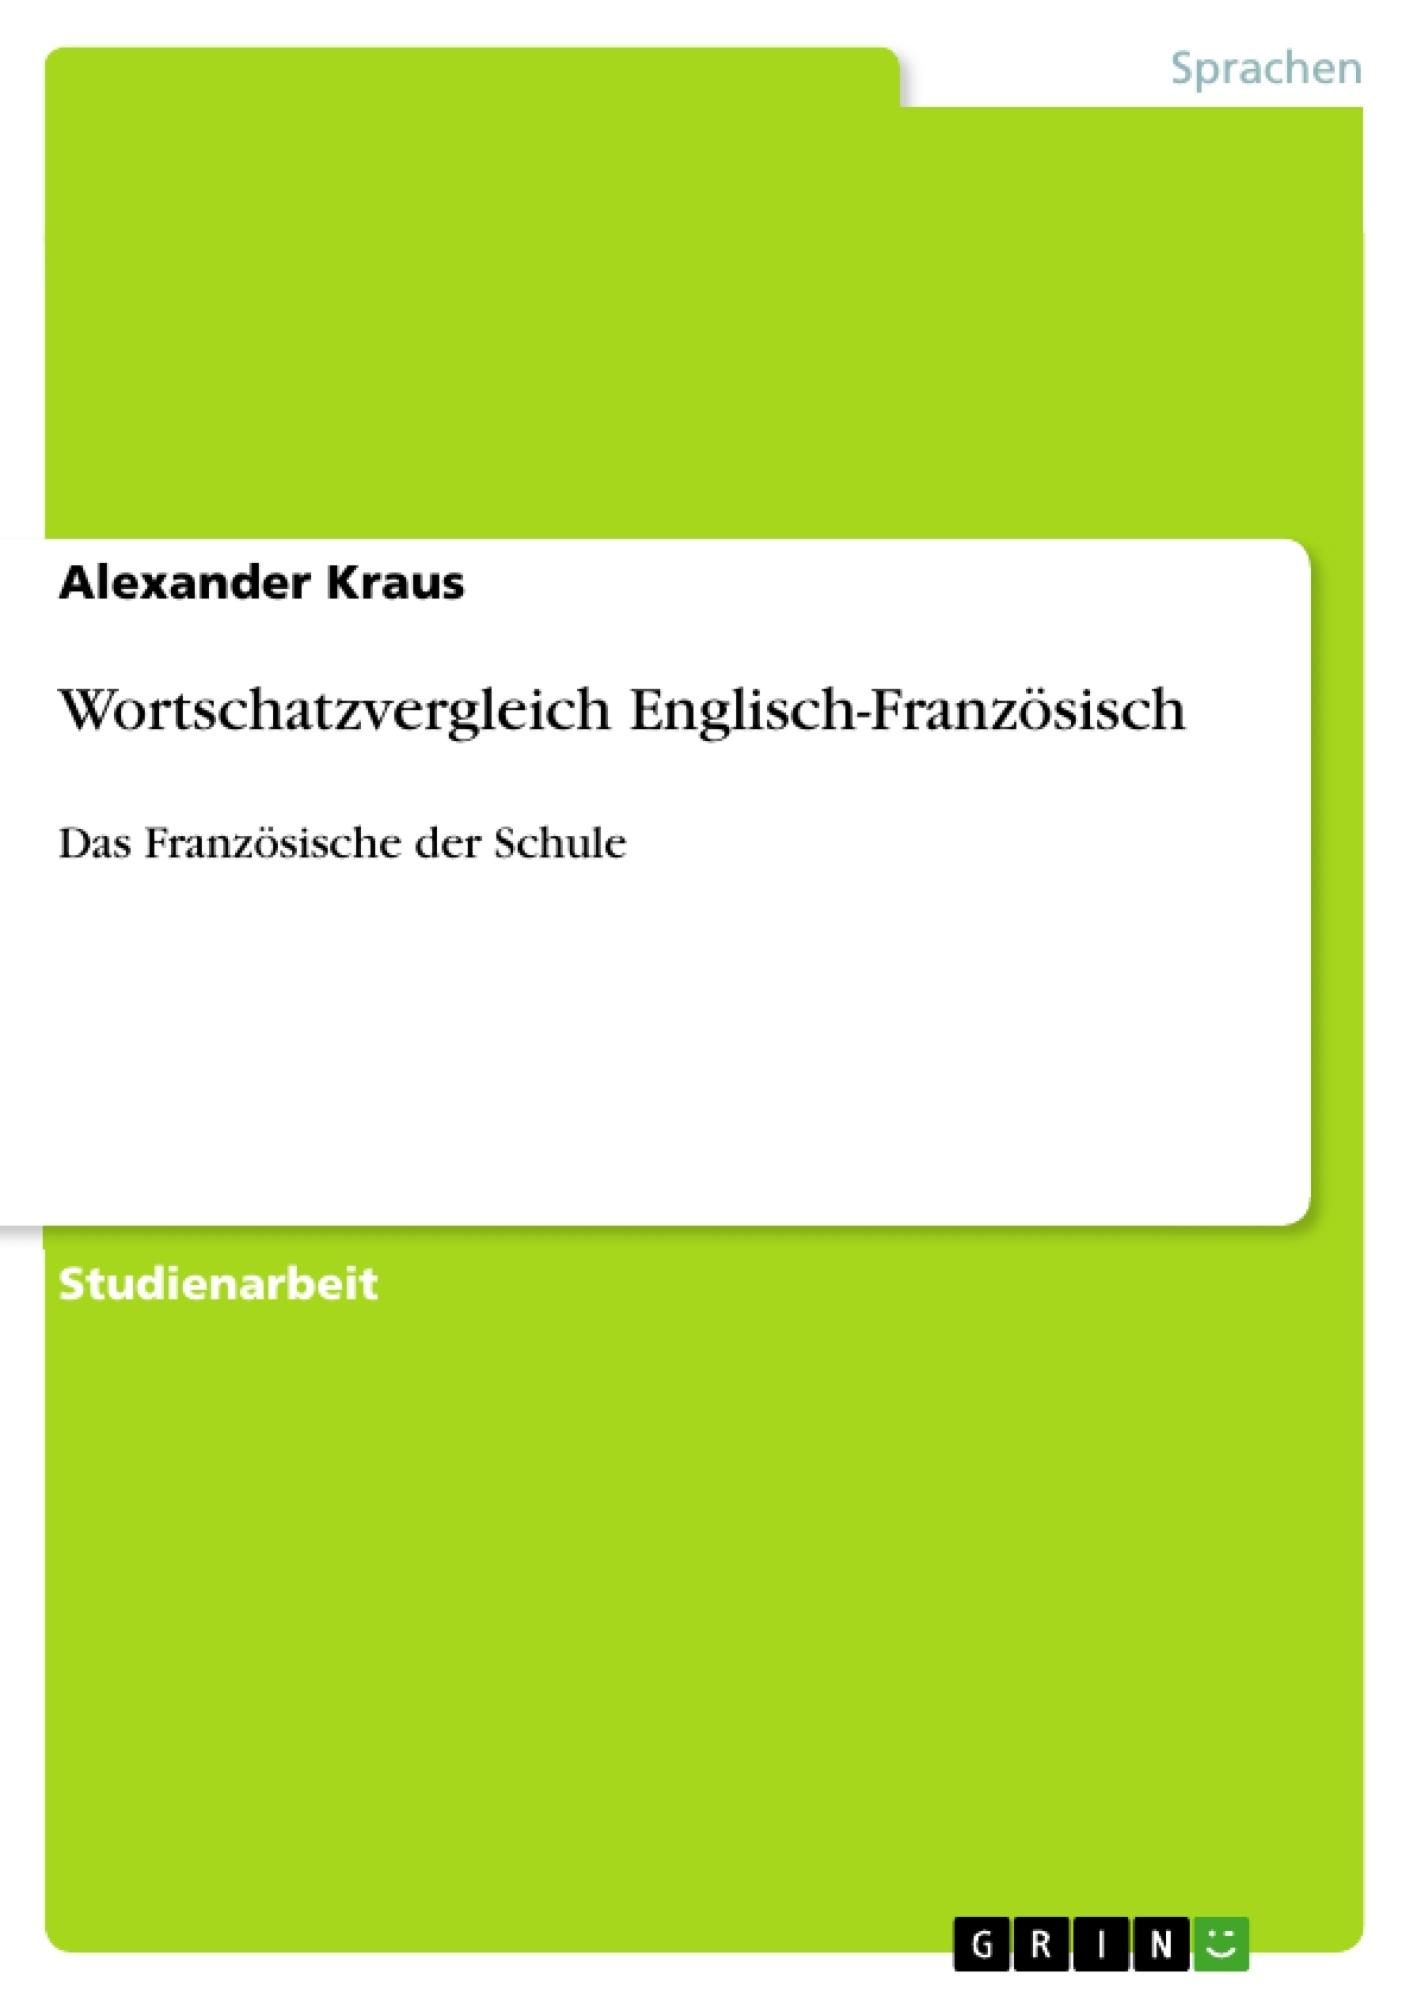 Titel: Wortschatzvergleich Englisch-Französisch